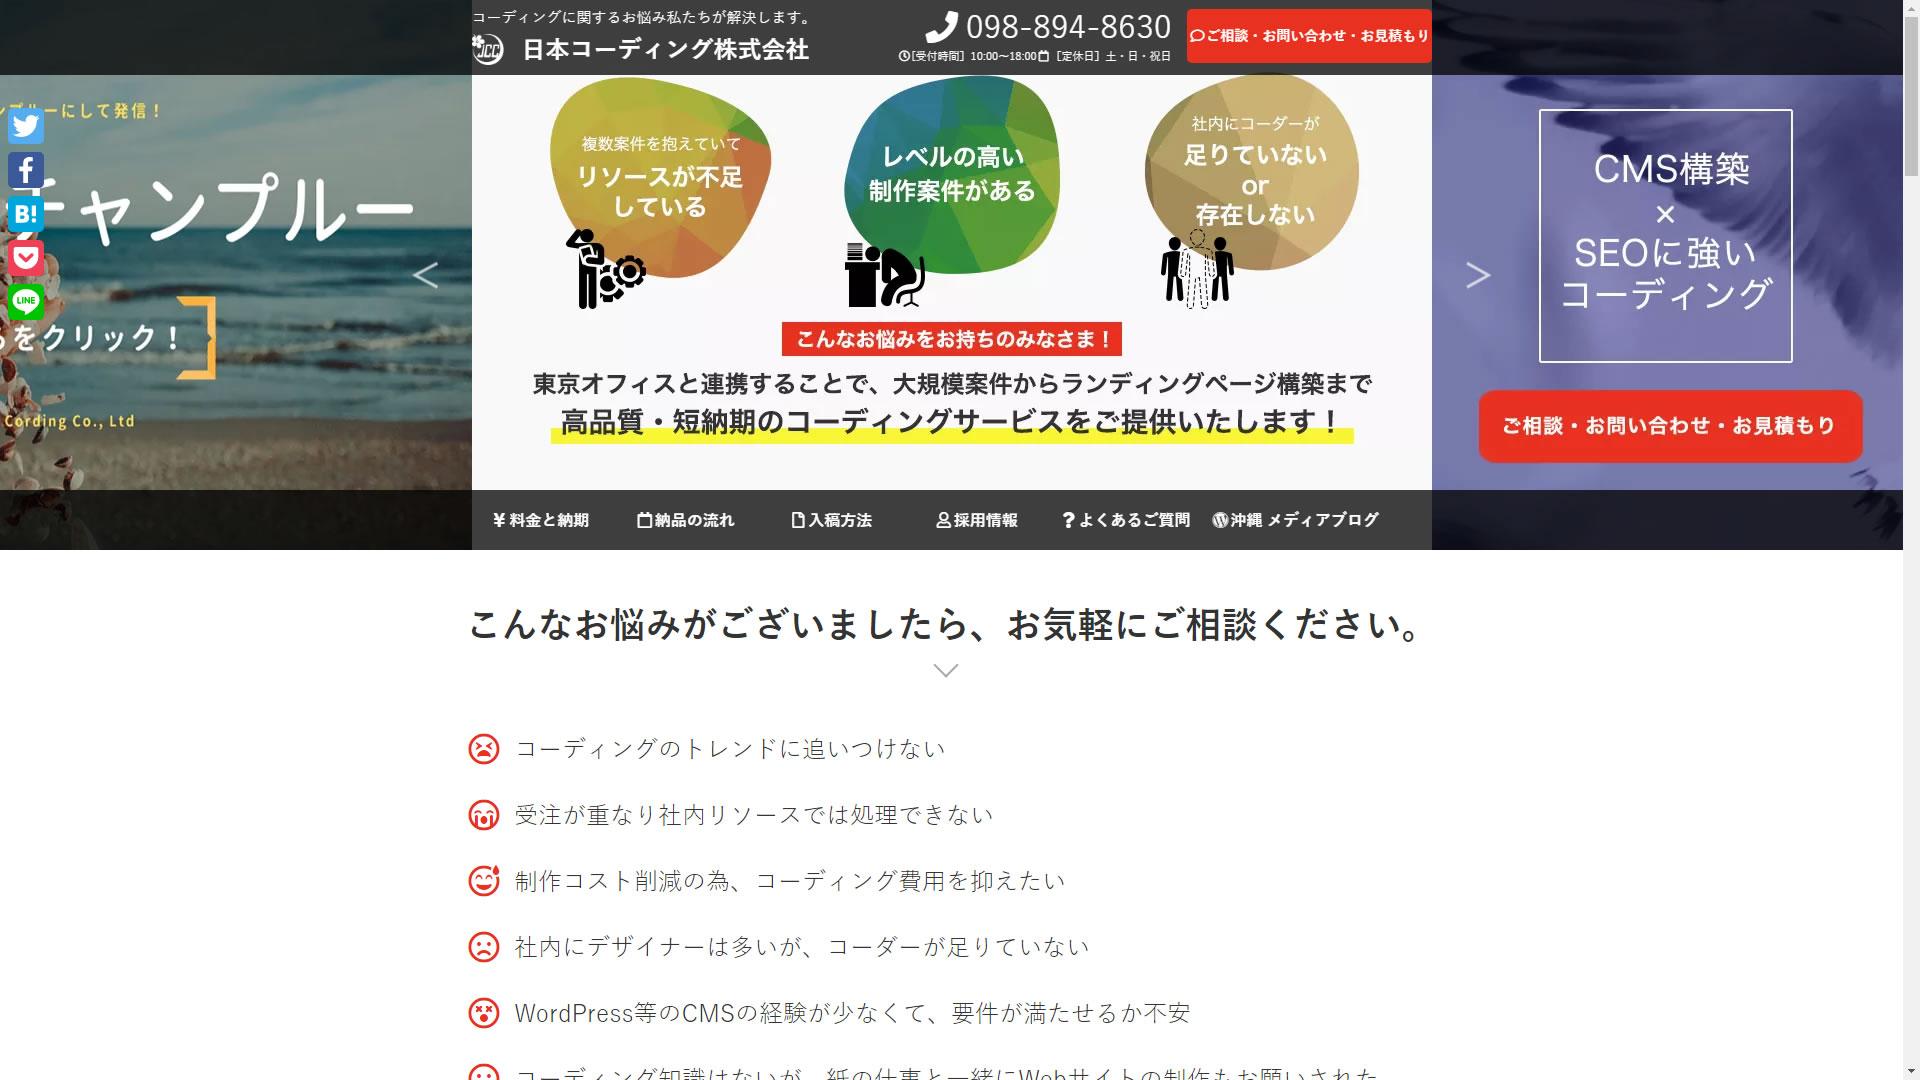 日本コーディング株式会社